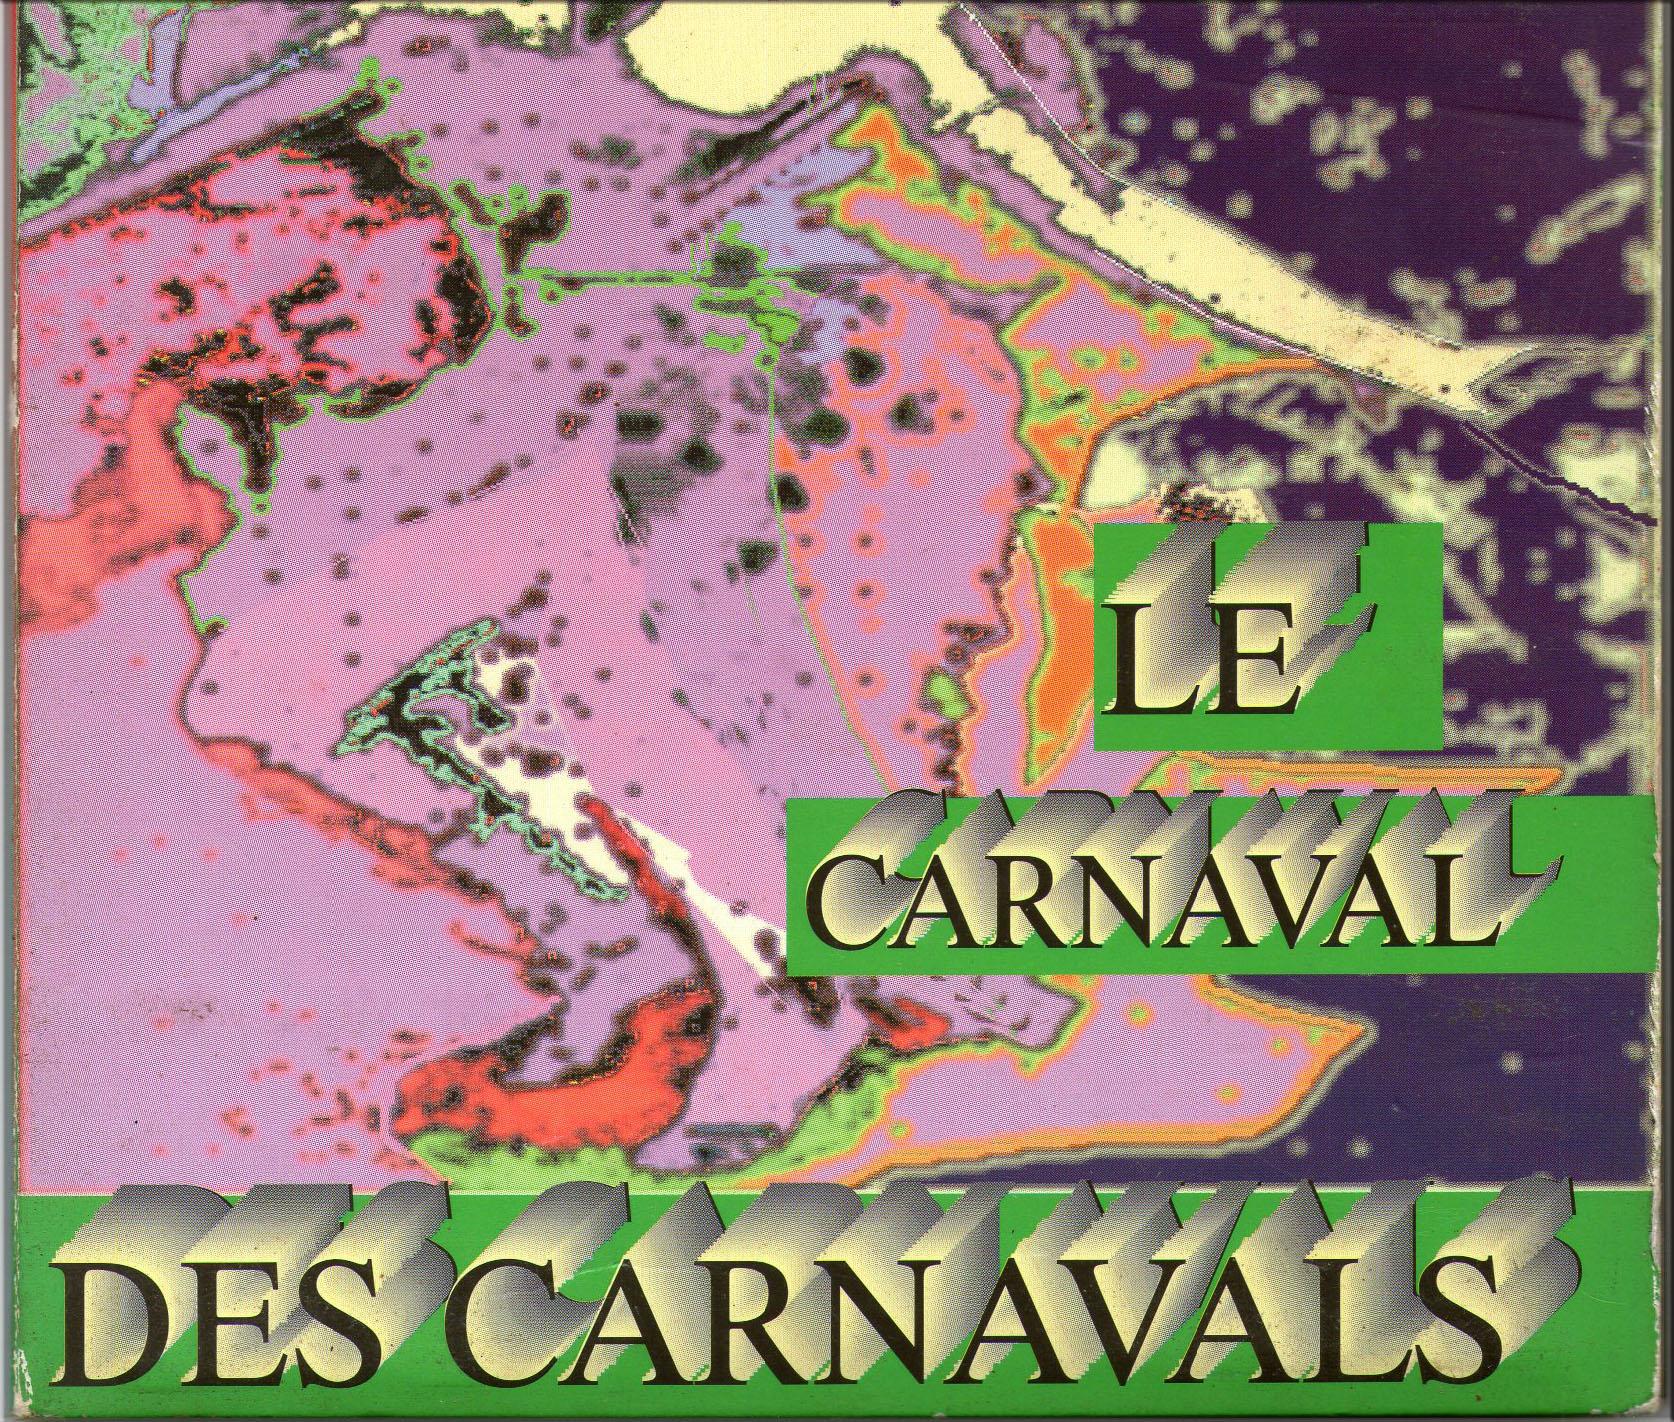 Le carnaval des carnavals